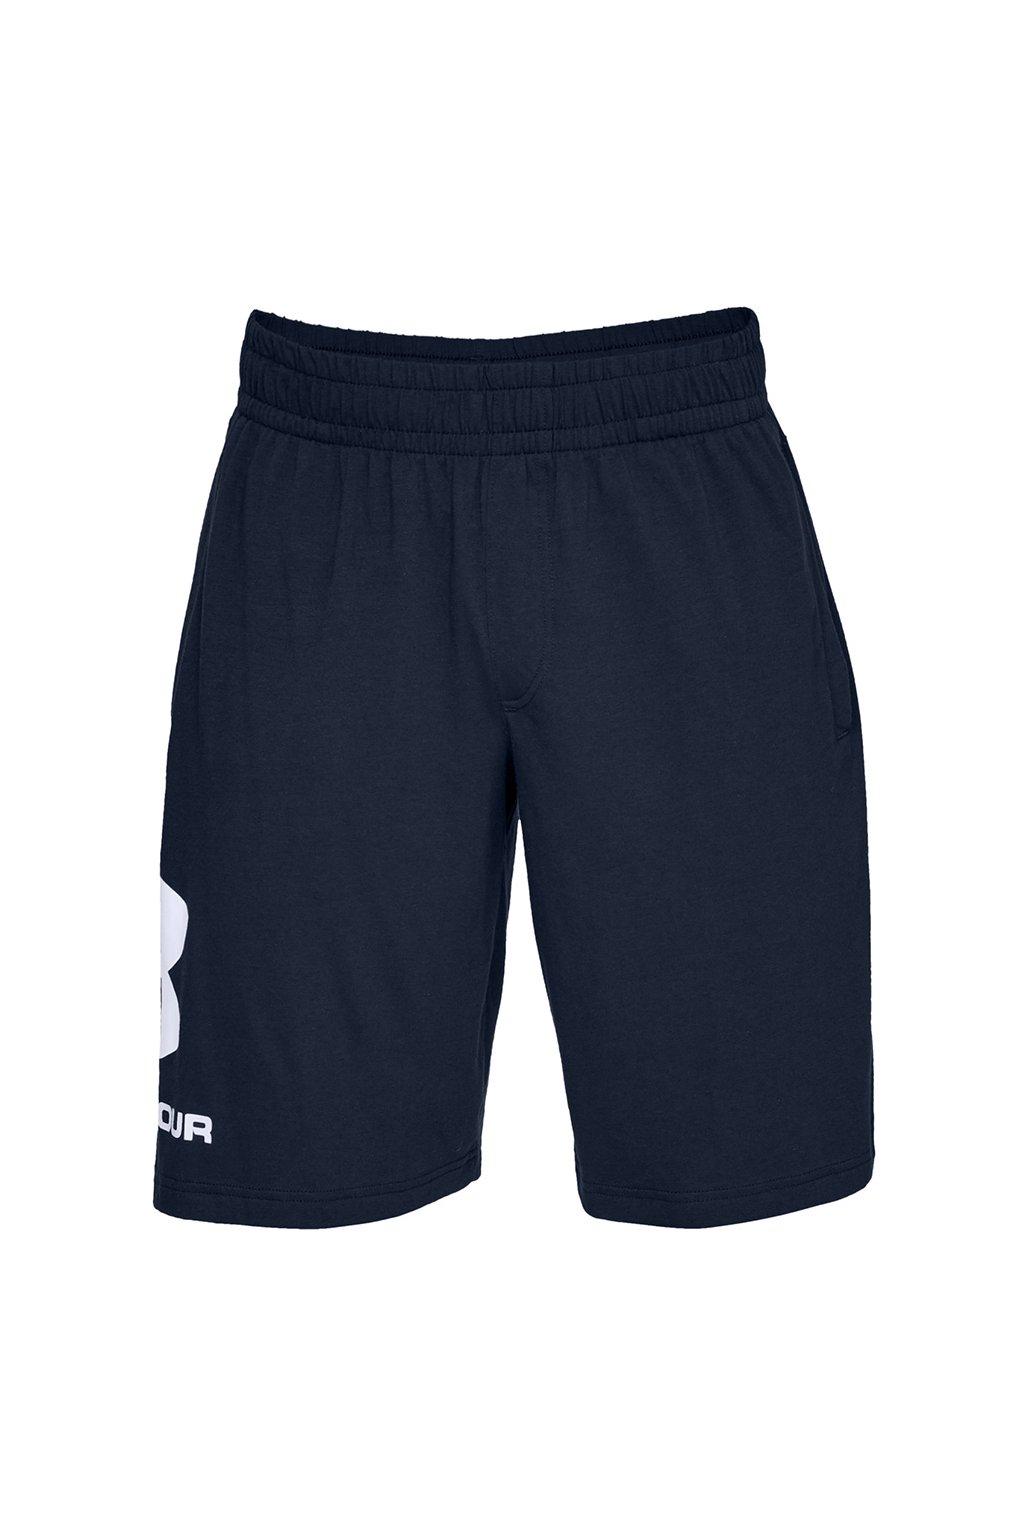 Pánske kraťasy Under Armour Sportstyle Cotton Logo tmavo modré 1329300 408